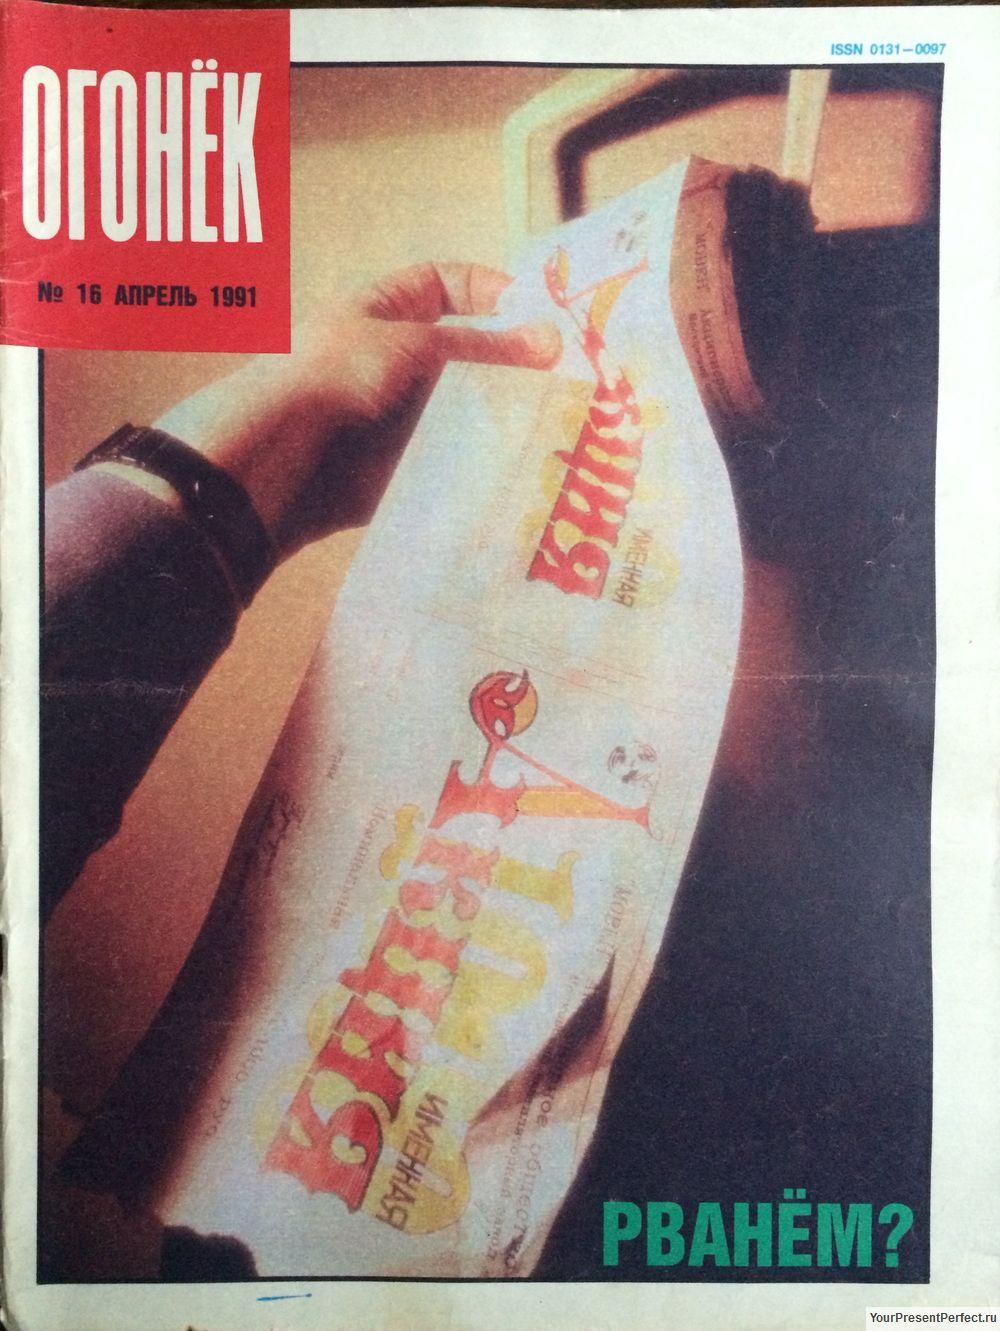 Журнал Огонек №16 апрель 1991